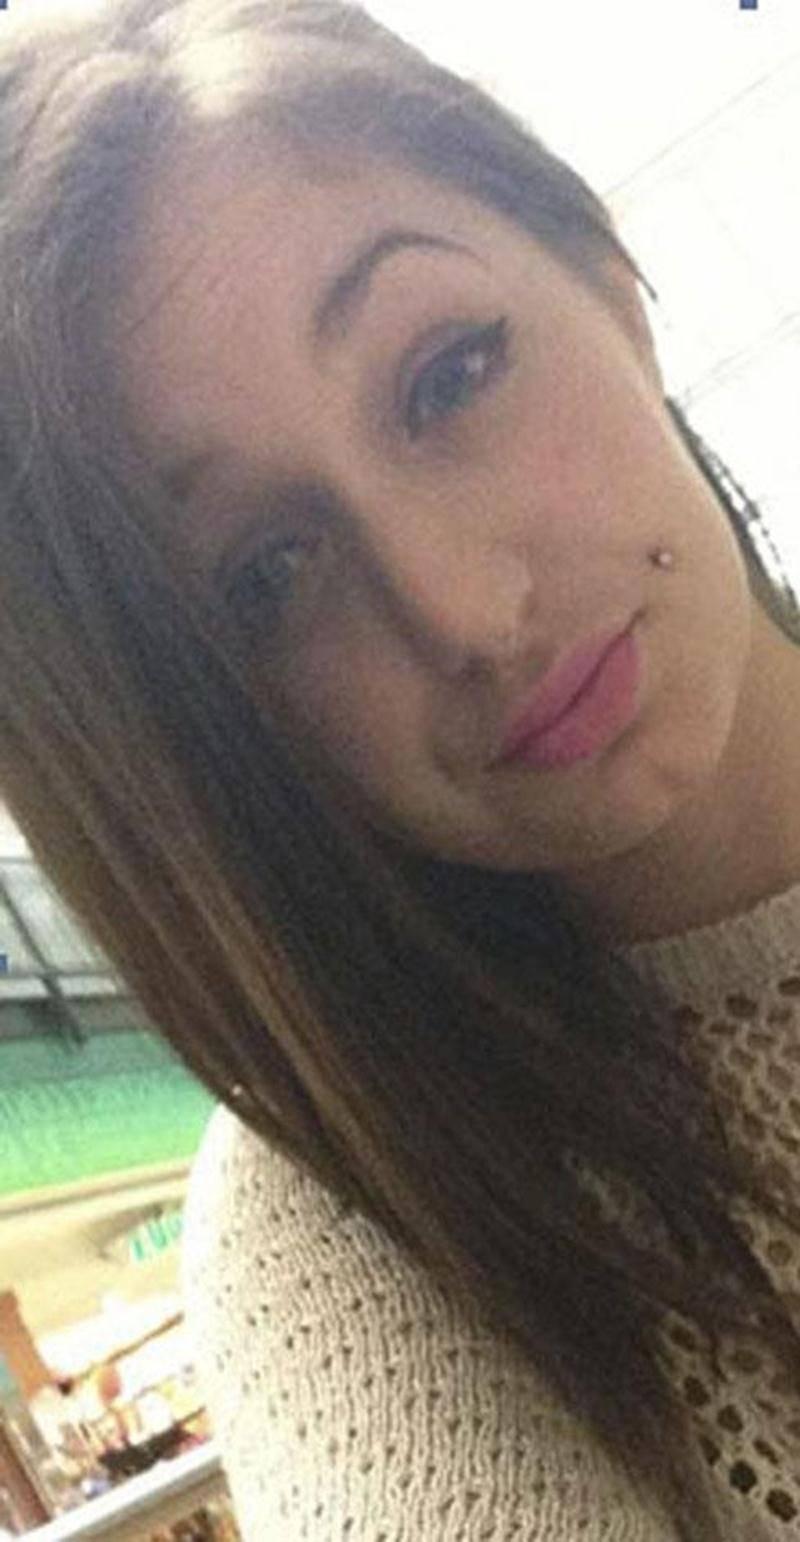 La Maskoutaine de 17 ans, Élisabeth Sénécal, est portée disparue depuis le 8 juillet, date à laquelle elle aurait quitté son lieu de résidence. Plusieurs démarches ont été entreprises par les enquêteurs jusqu'à présent, mais l'adolescente n'a toujours pas été localisée. L'enquête tend à démontrer qu'elle pourrait se trouver dans le secteur de Longueuil. Ses proches ont des raisons de craindre pour sa santé et sa sécurité. On peut la reconnaître grâce notamment à un tatouage sur l'extérieur de la